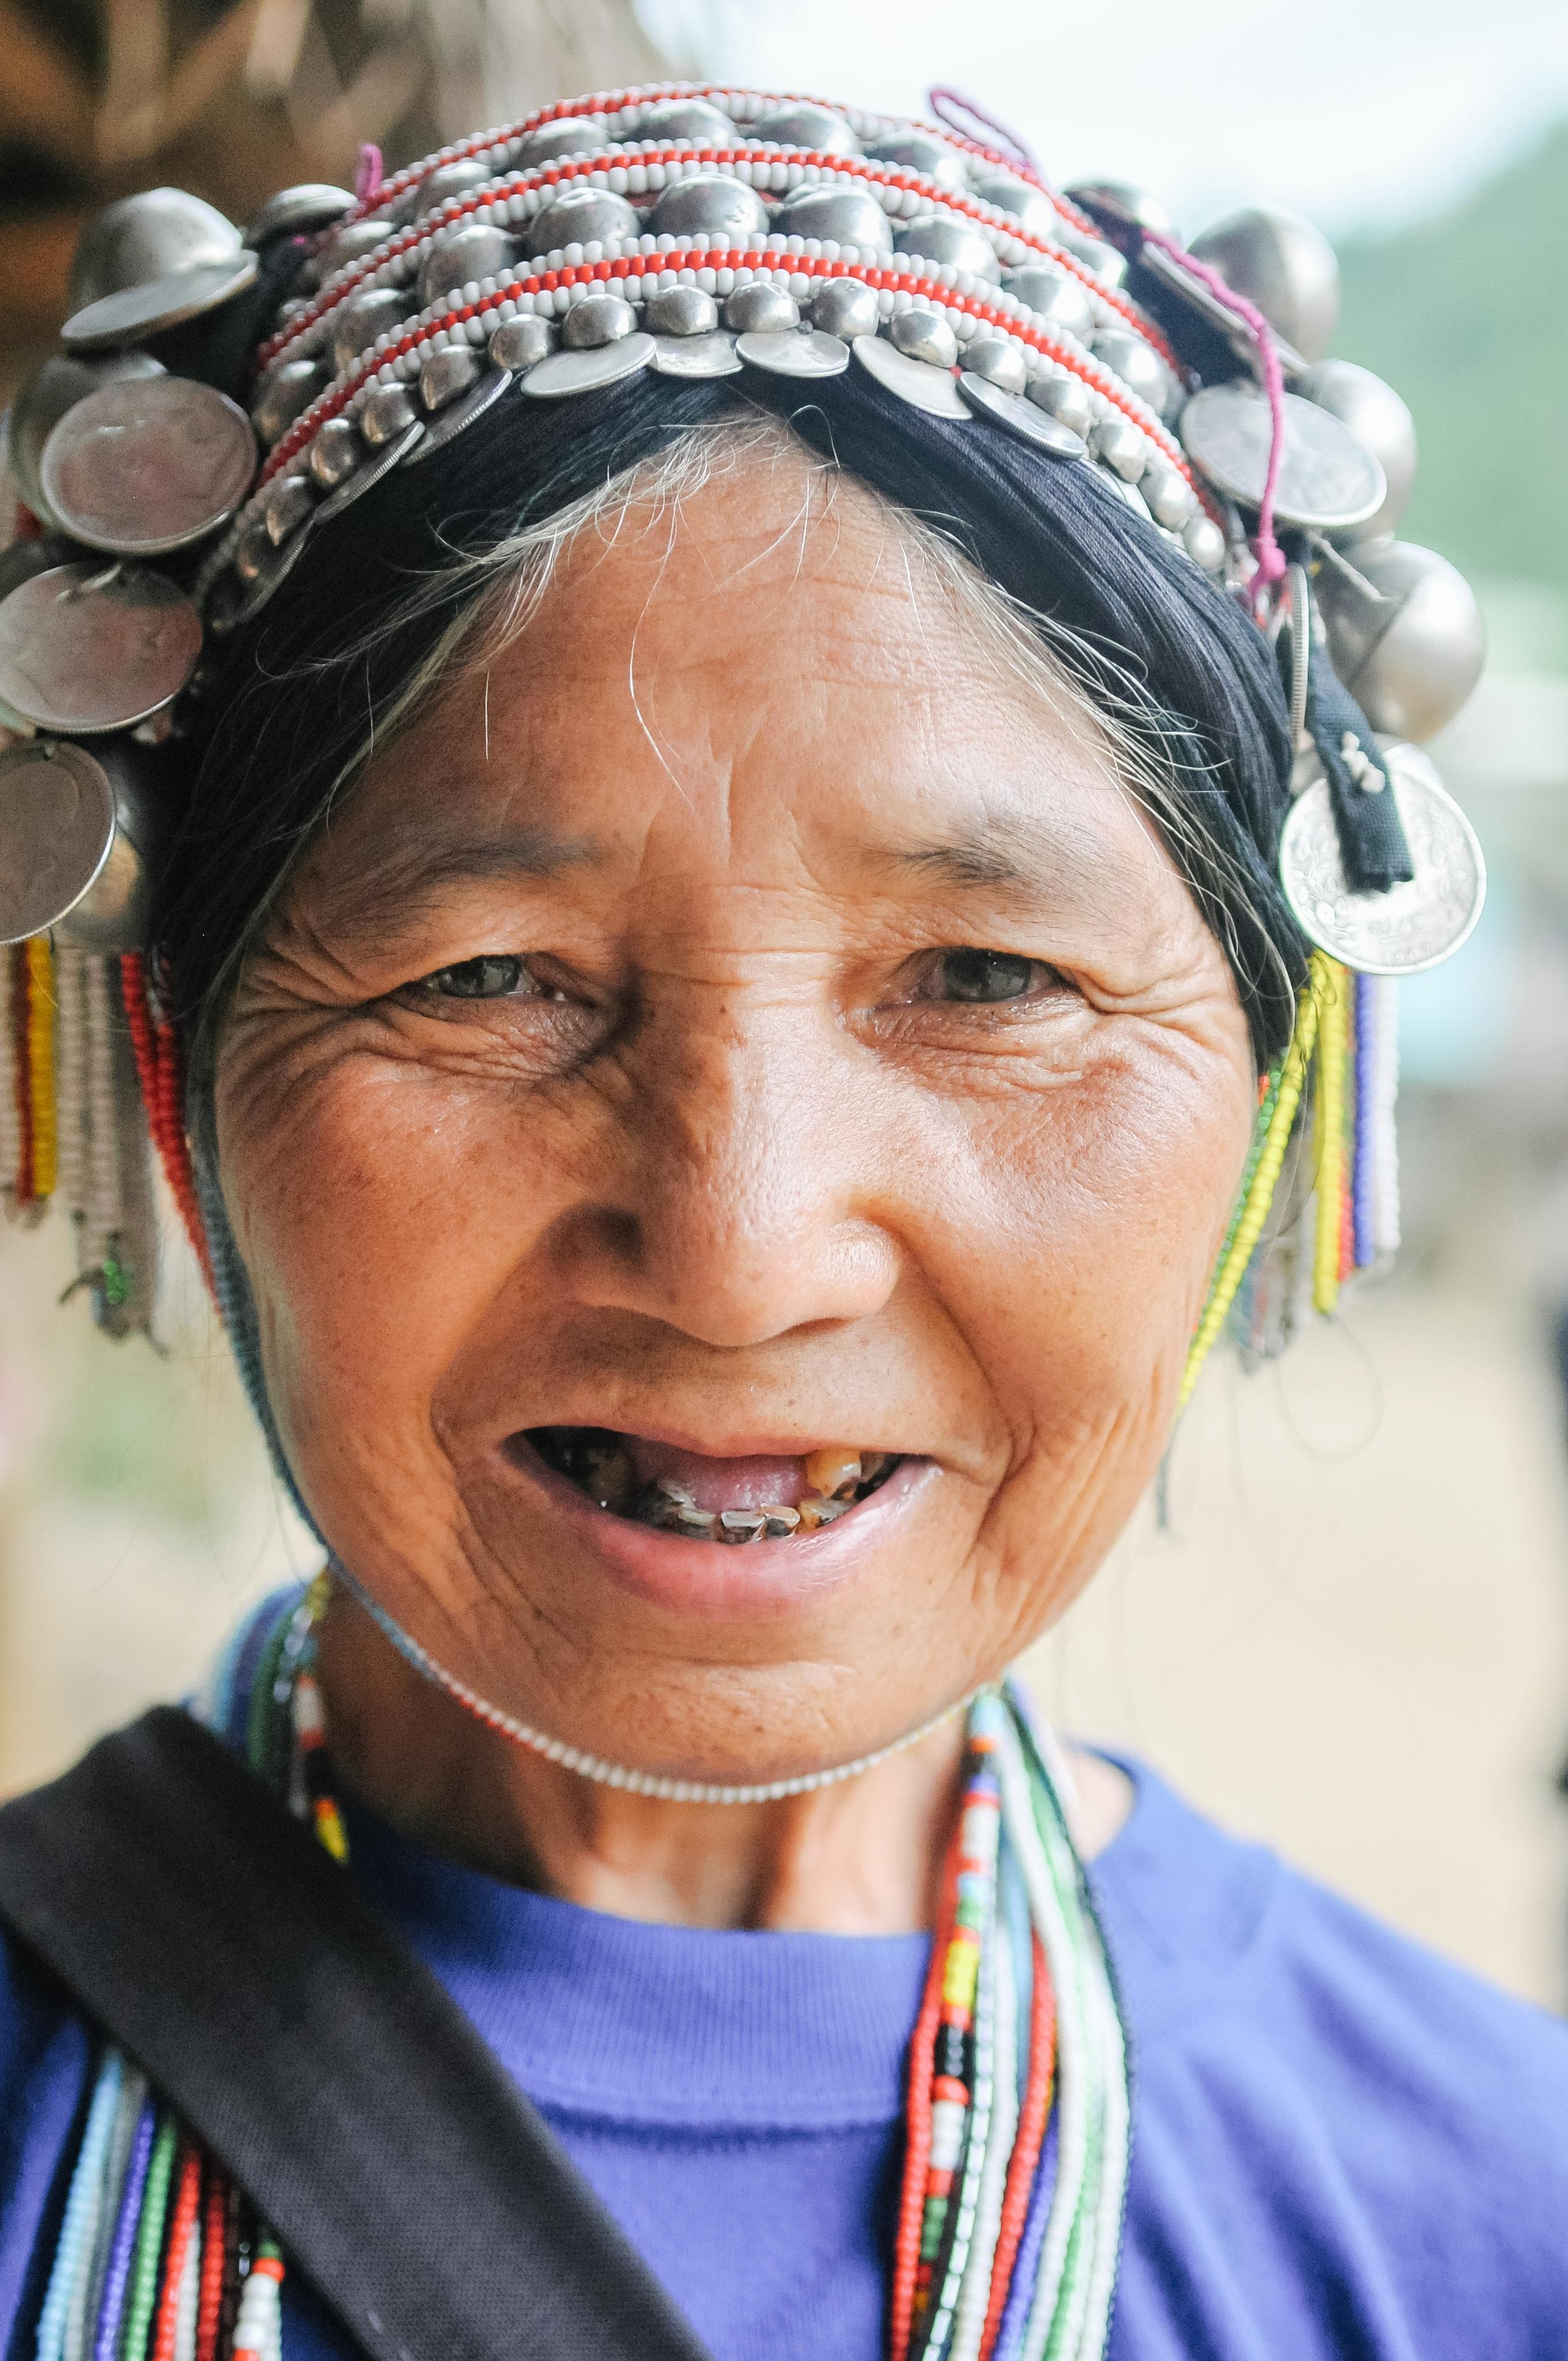 32302f30 Bildet : person, mennesker, kvinne, gammel, ser, mann, hunn, portrett,  farge, barn, klær, dame, ansiktsuttrykk, frisyre, smiling, smil, bestemor,  stamme, ...